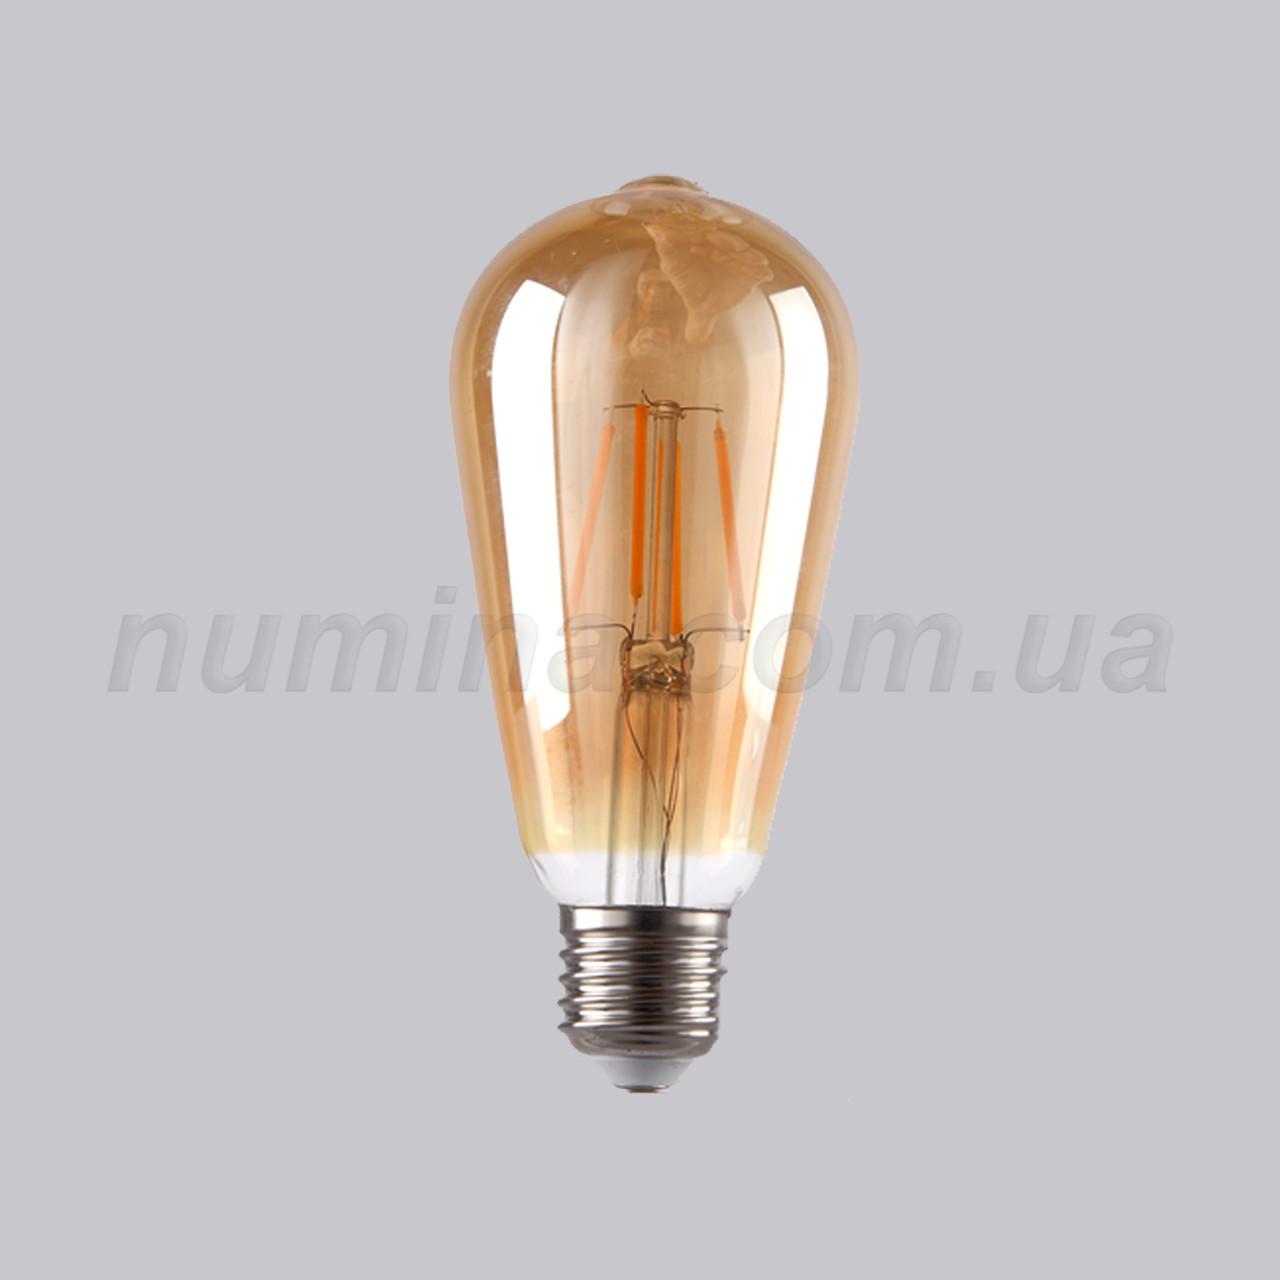 Лампочка - YS-ST64 Amber 6W  2700K